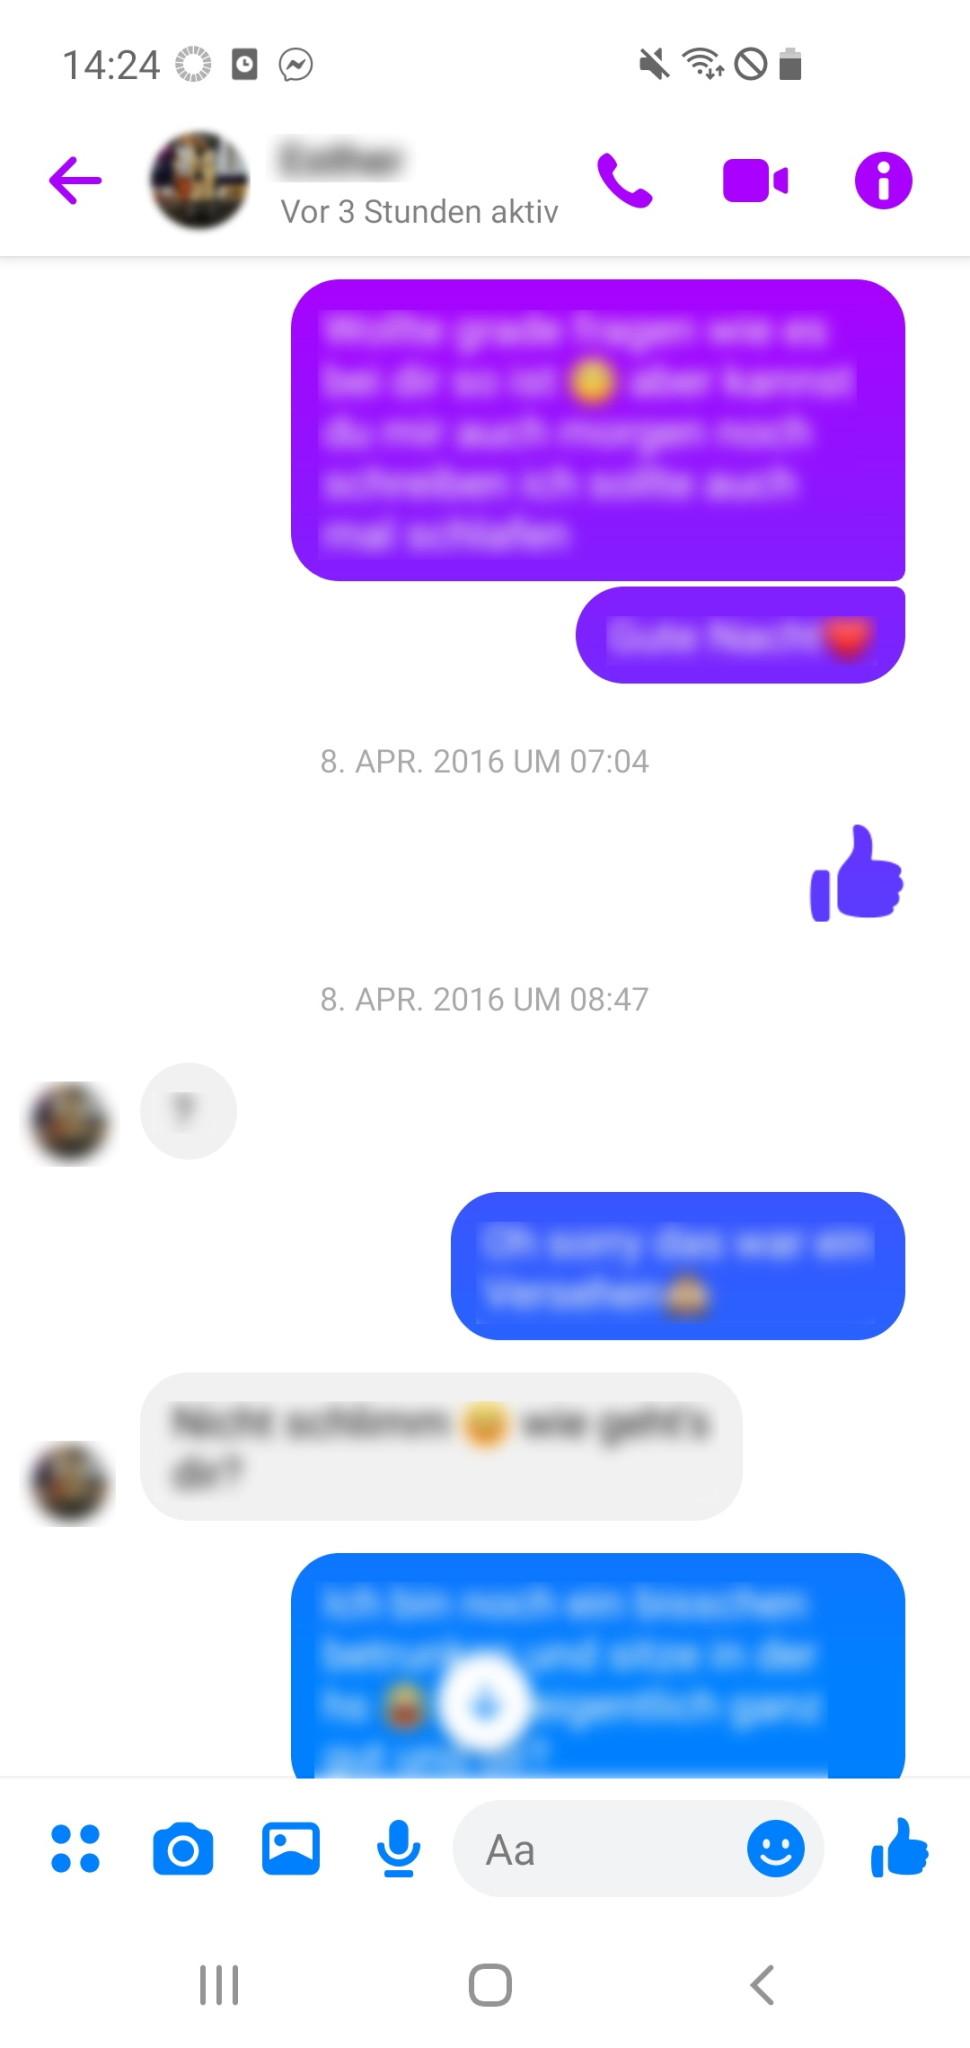 Screenshot 1 - Facebook Messenger (APK)